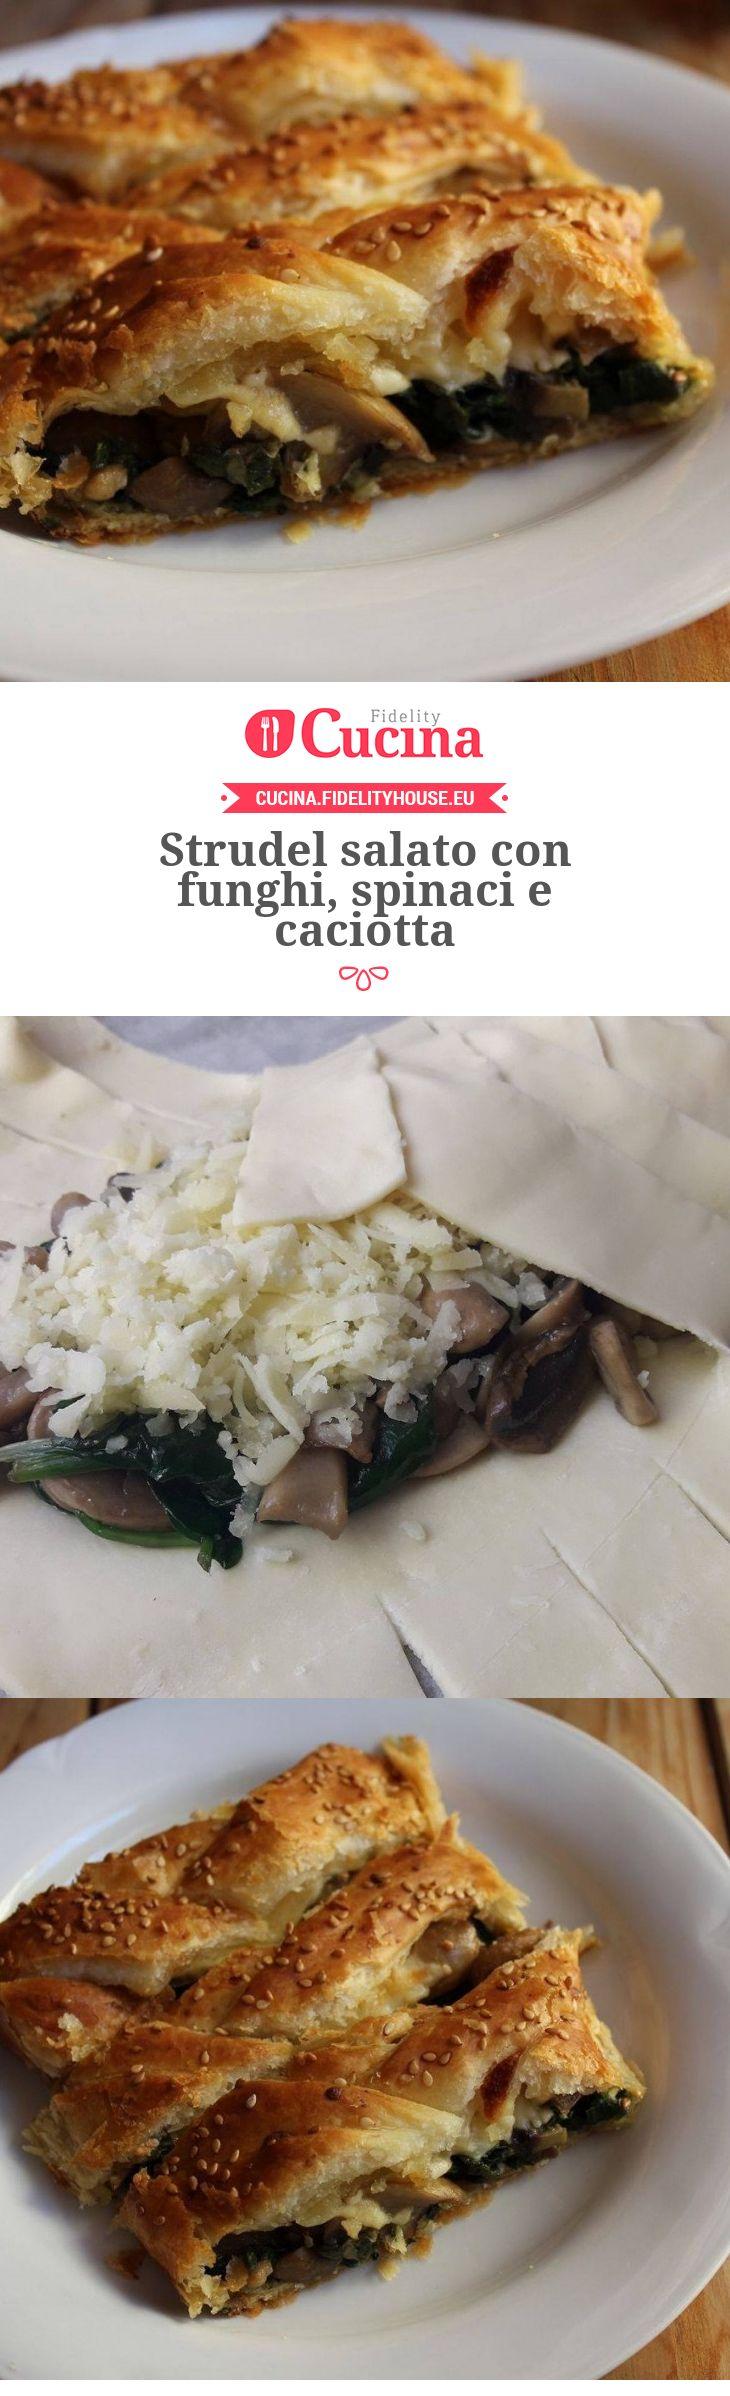 Strudel salato con funghi, spinaci e caciotta della nostra utente Vittoria. Unisciti alla nostra Community ed invia le tue ricette!